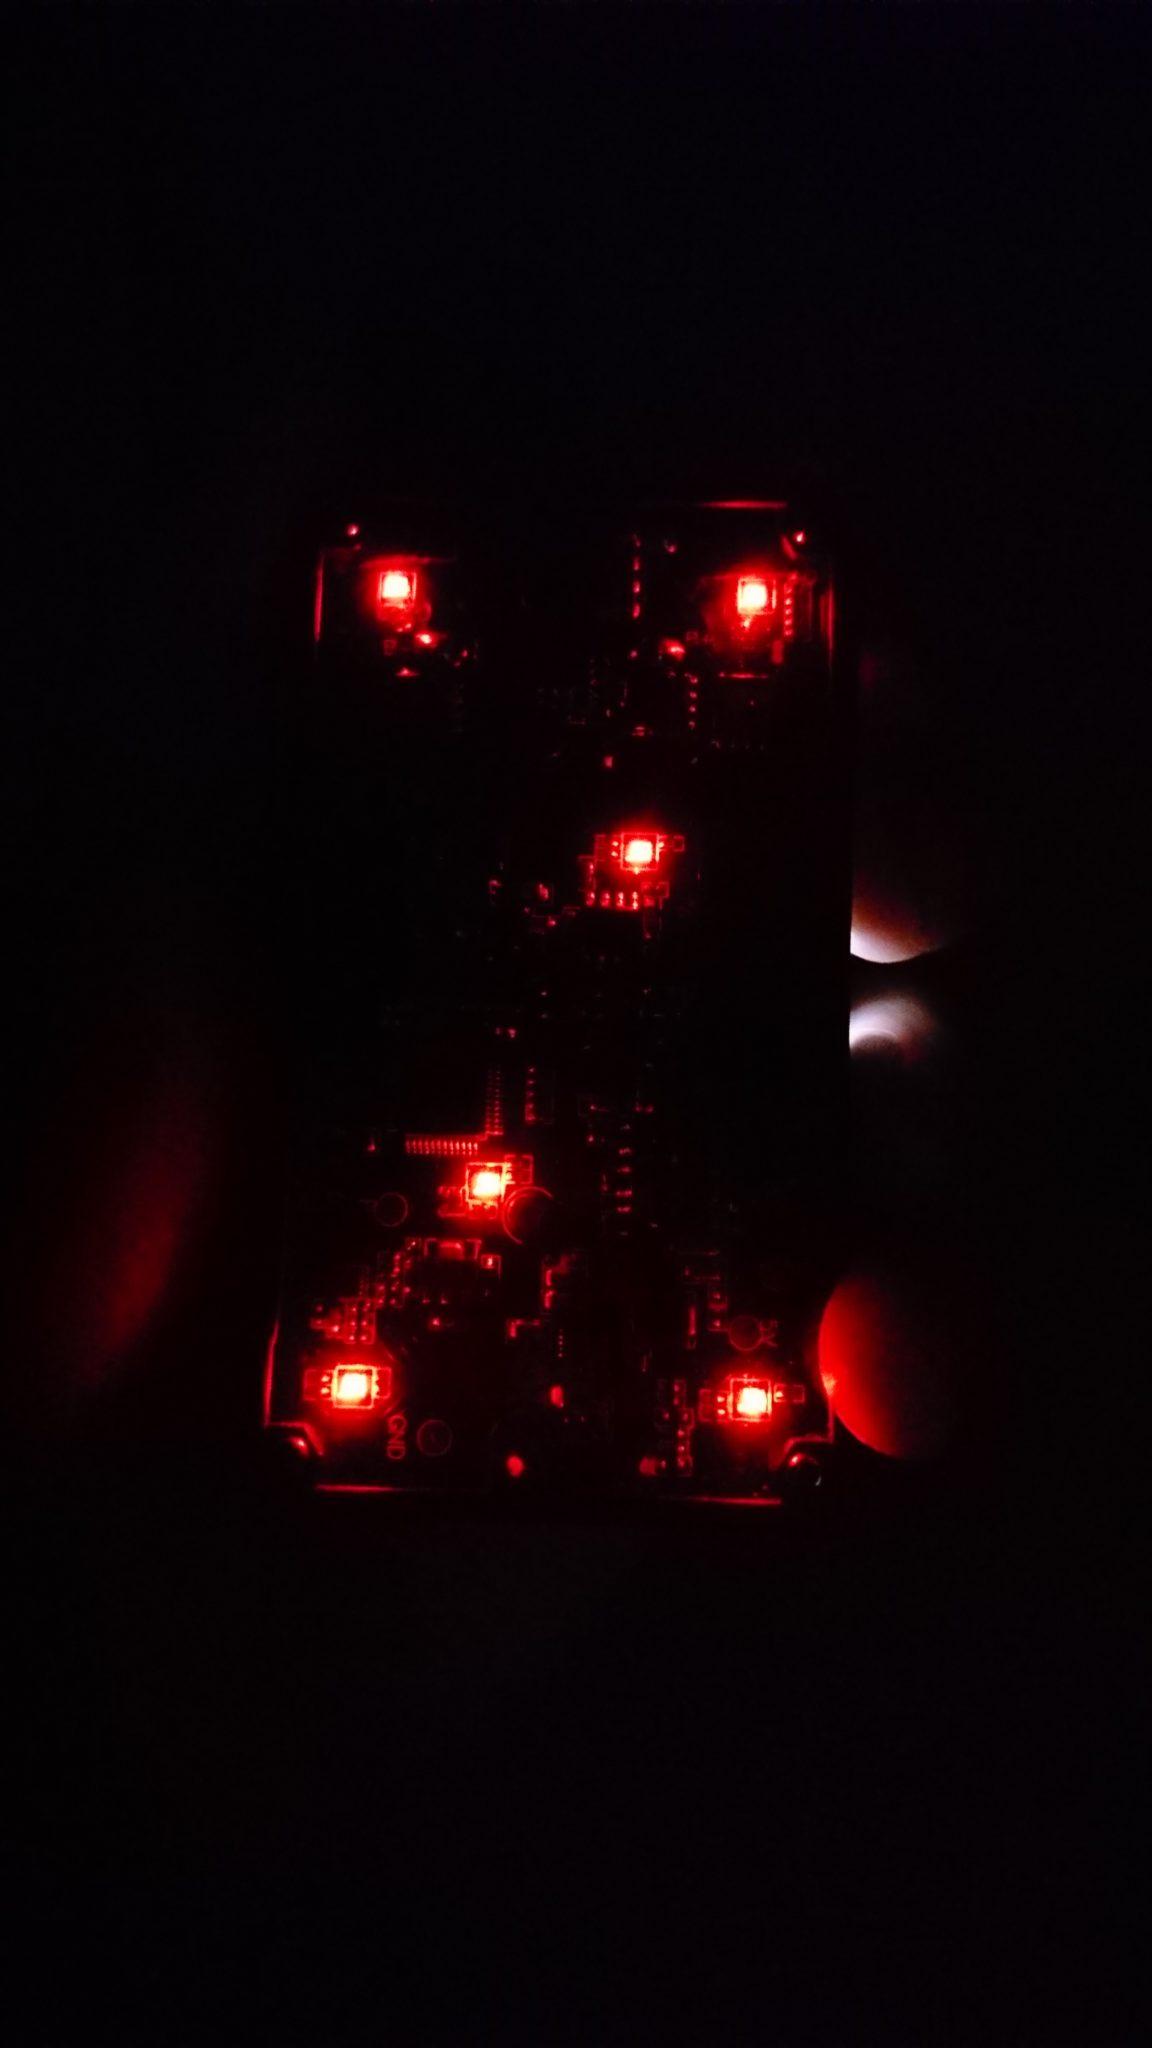 DSC 0744 - 【レビュー】いかつい名前なのに実は可愛い「Sigelei KAOS Z(シグレイ・カオスZ)」さん!可愛く光って存在感ばっちりのVAPEMOD。